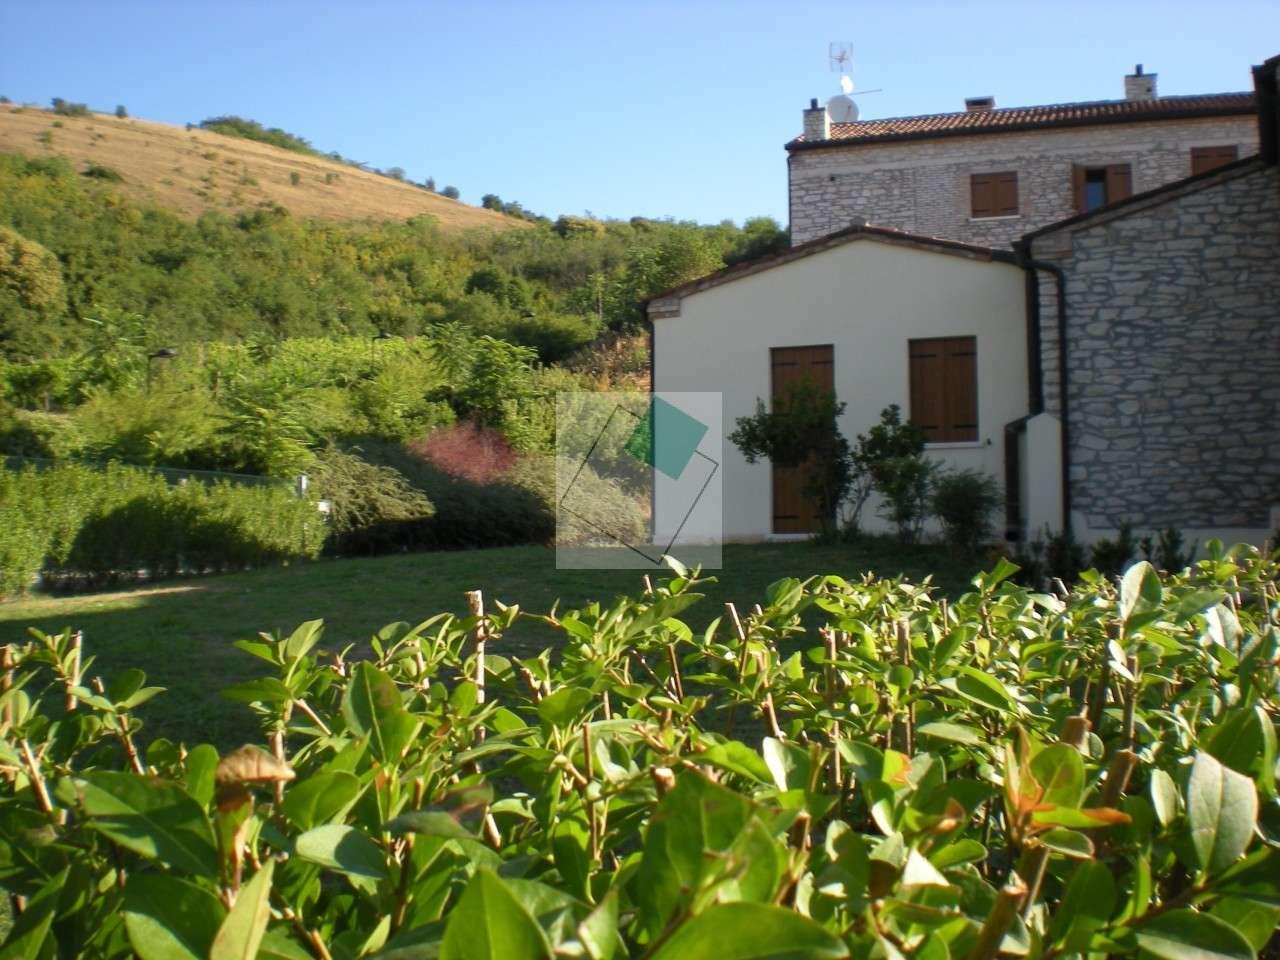 Appartamento in vendita a Albettone, 3 locali, prezzo € 1.300.000 | CambioCasa.it